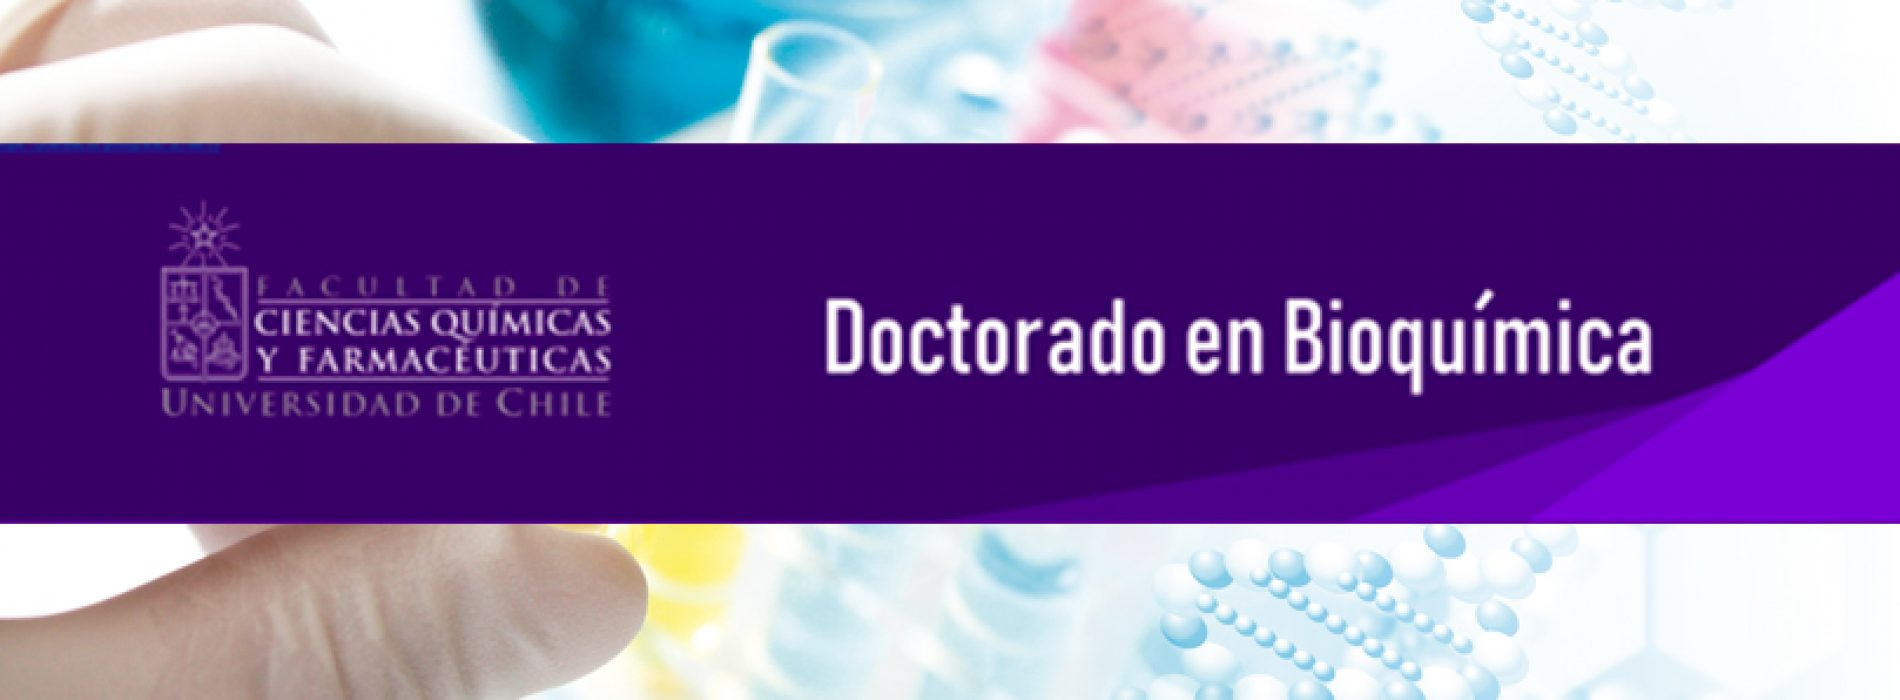 Doctorado en Bioquímica – Universidad de Chile